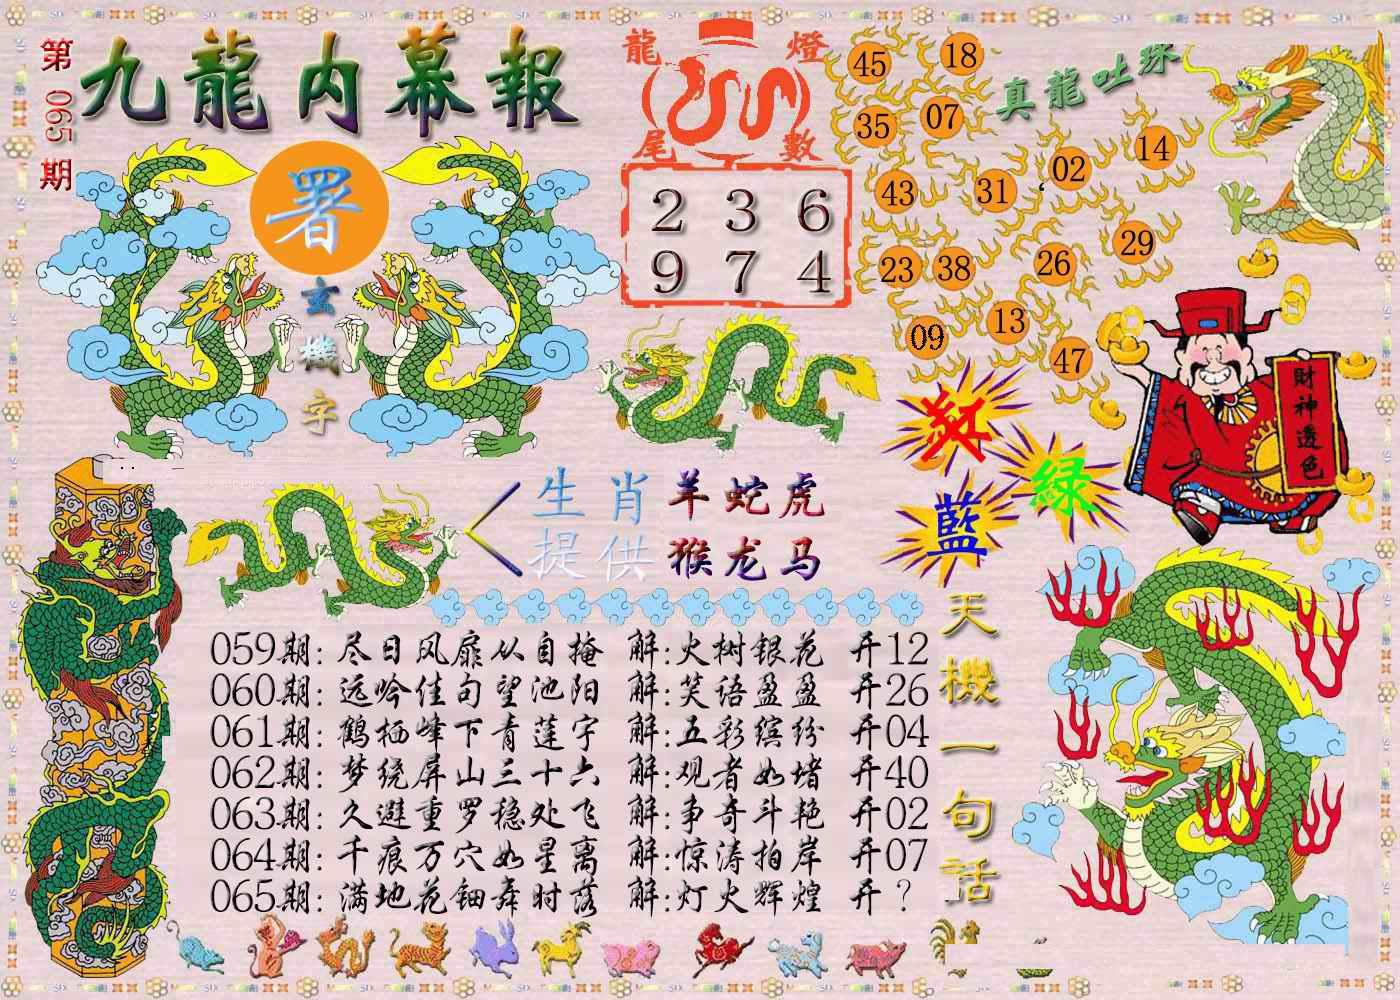 065期九龙内幕报